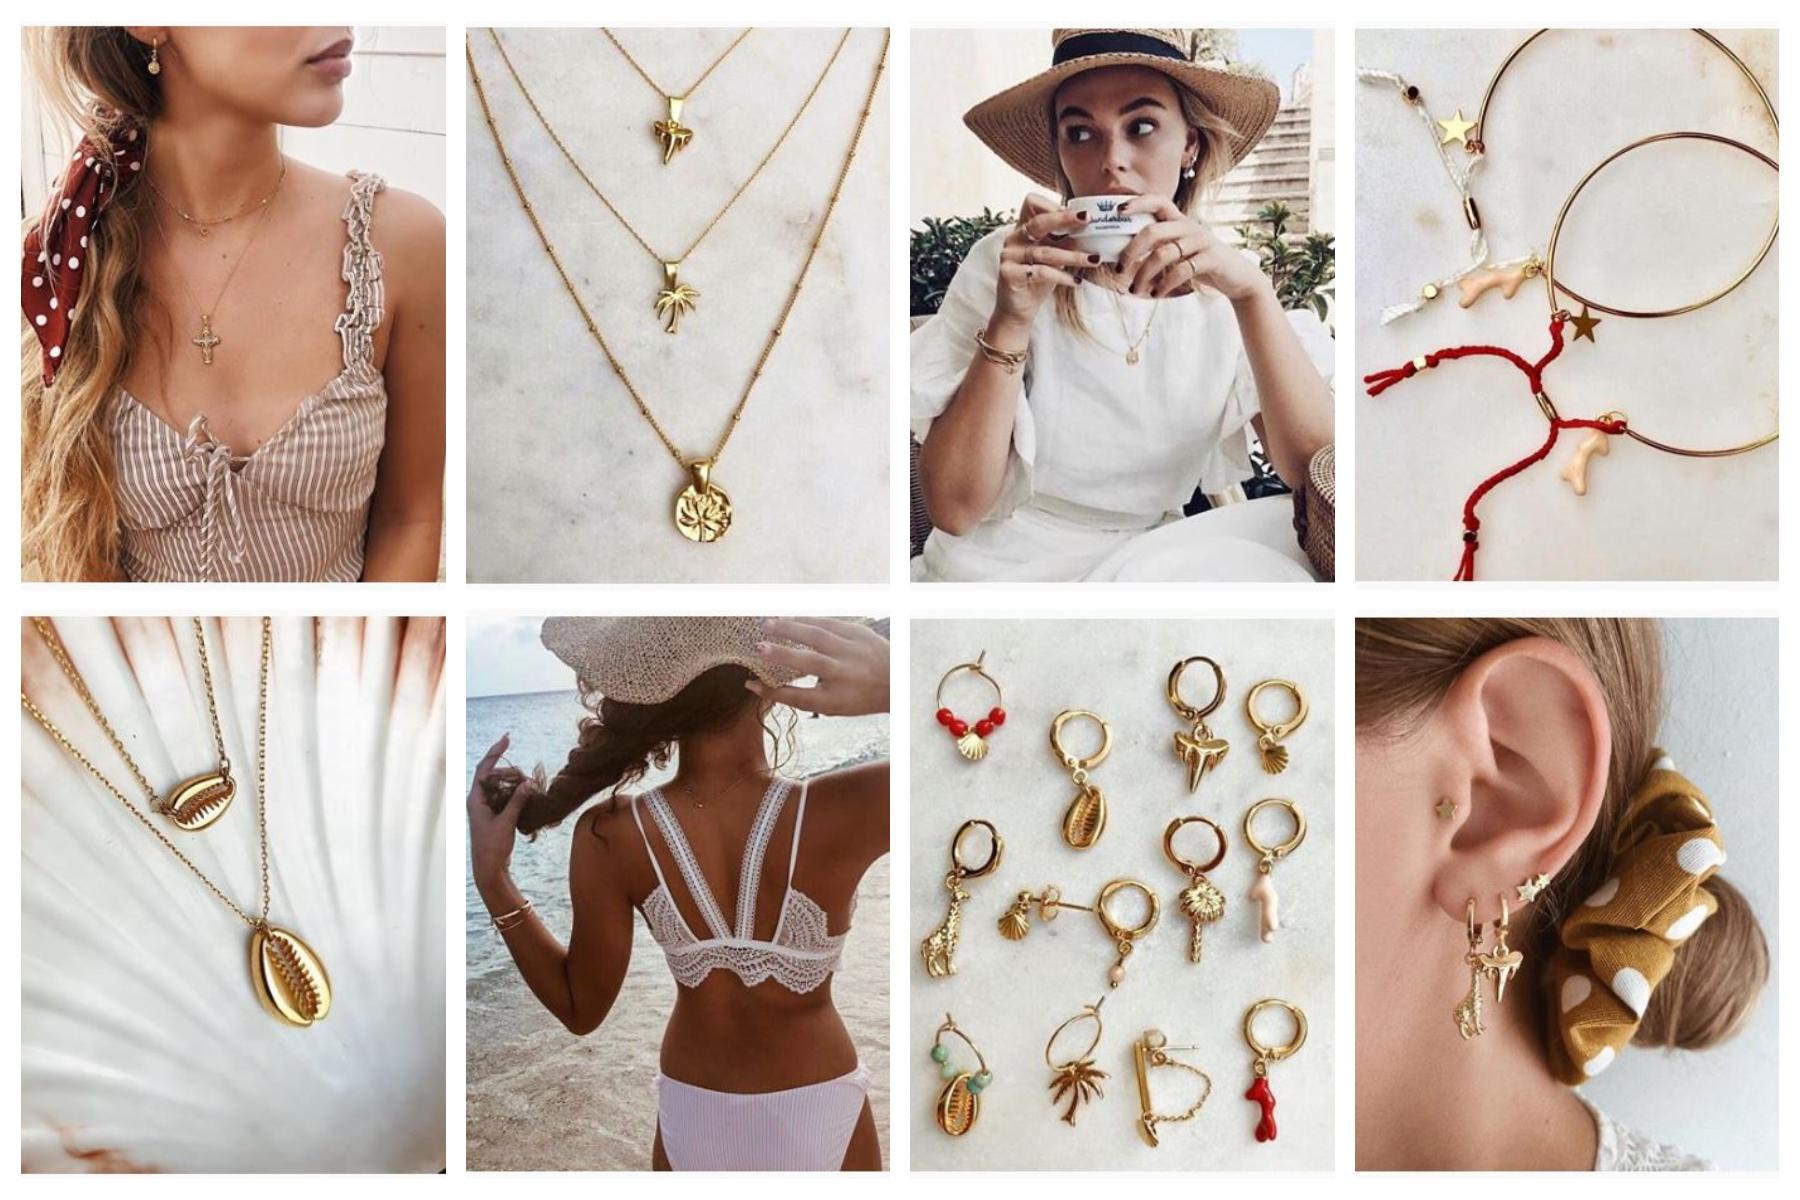 raccolto acquista per il più recente outlet in vendita Moda gioielli 2018: tutti i trend dell'estate | Consulente ...